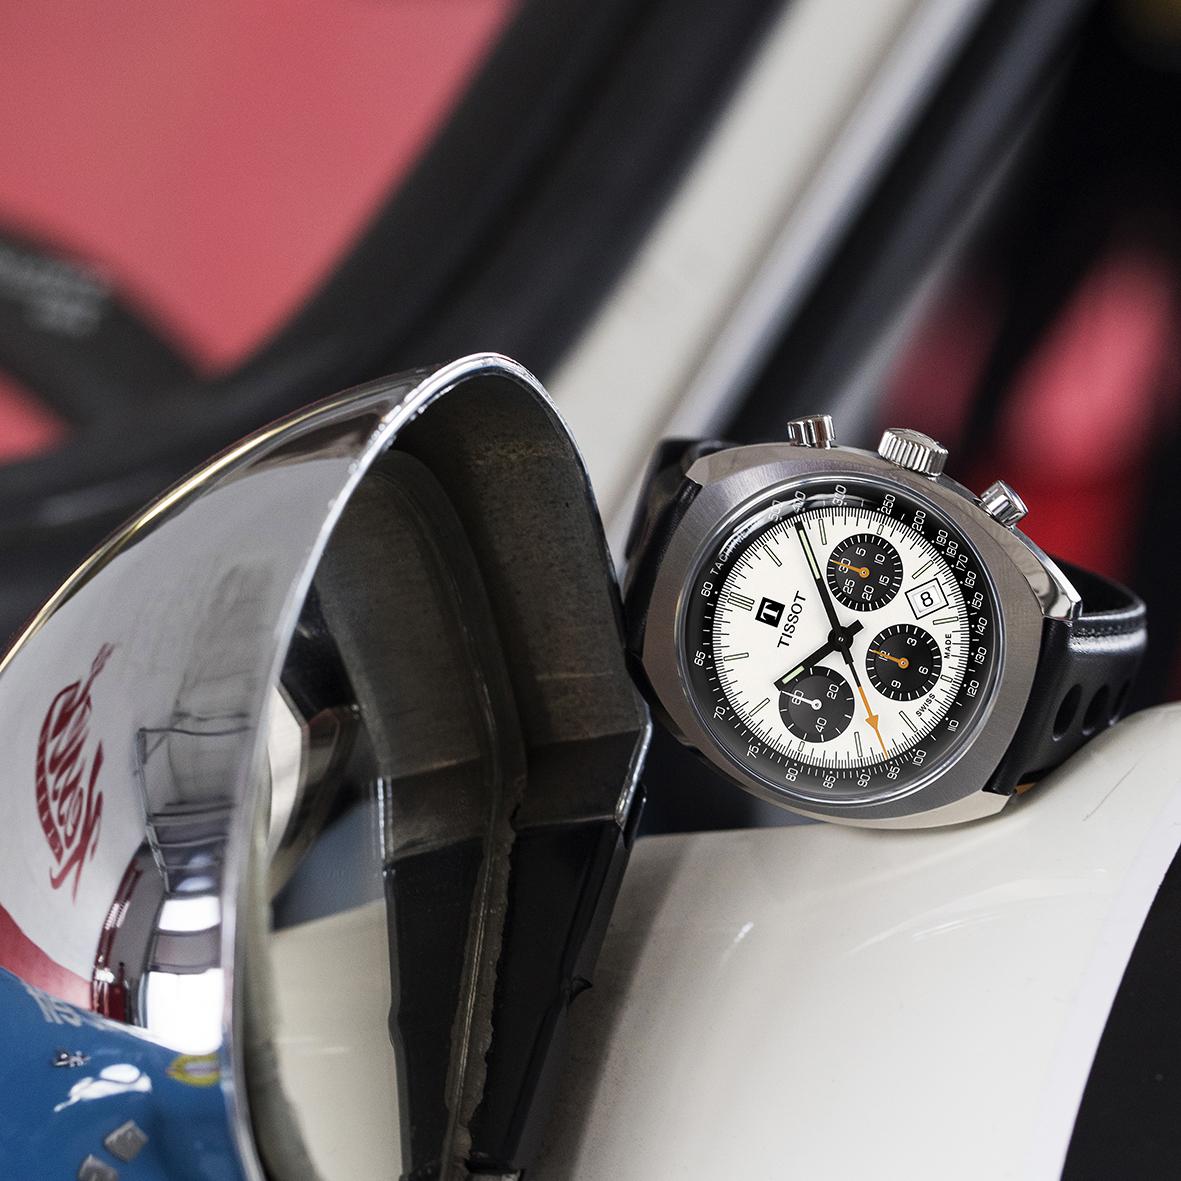 Męski zegarek Tissot Herritage w stylu wyścigowego zegarka retro na czarnym, skórzanym pasku.